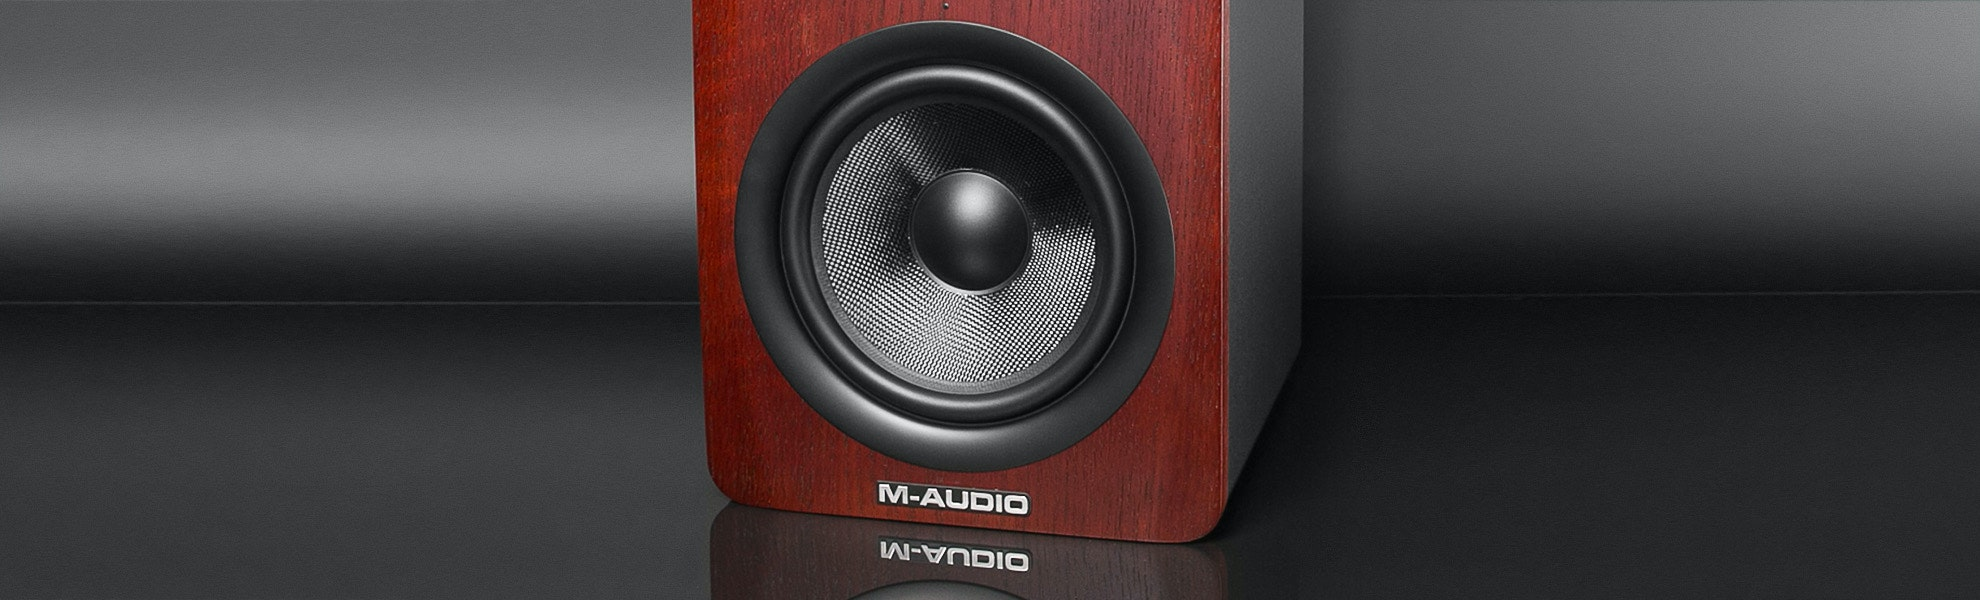 M-Audio M3-6 and M3-8 Three-Way Studio Monitor